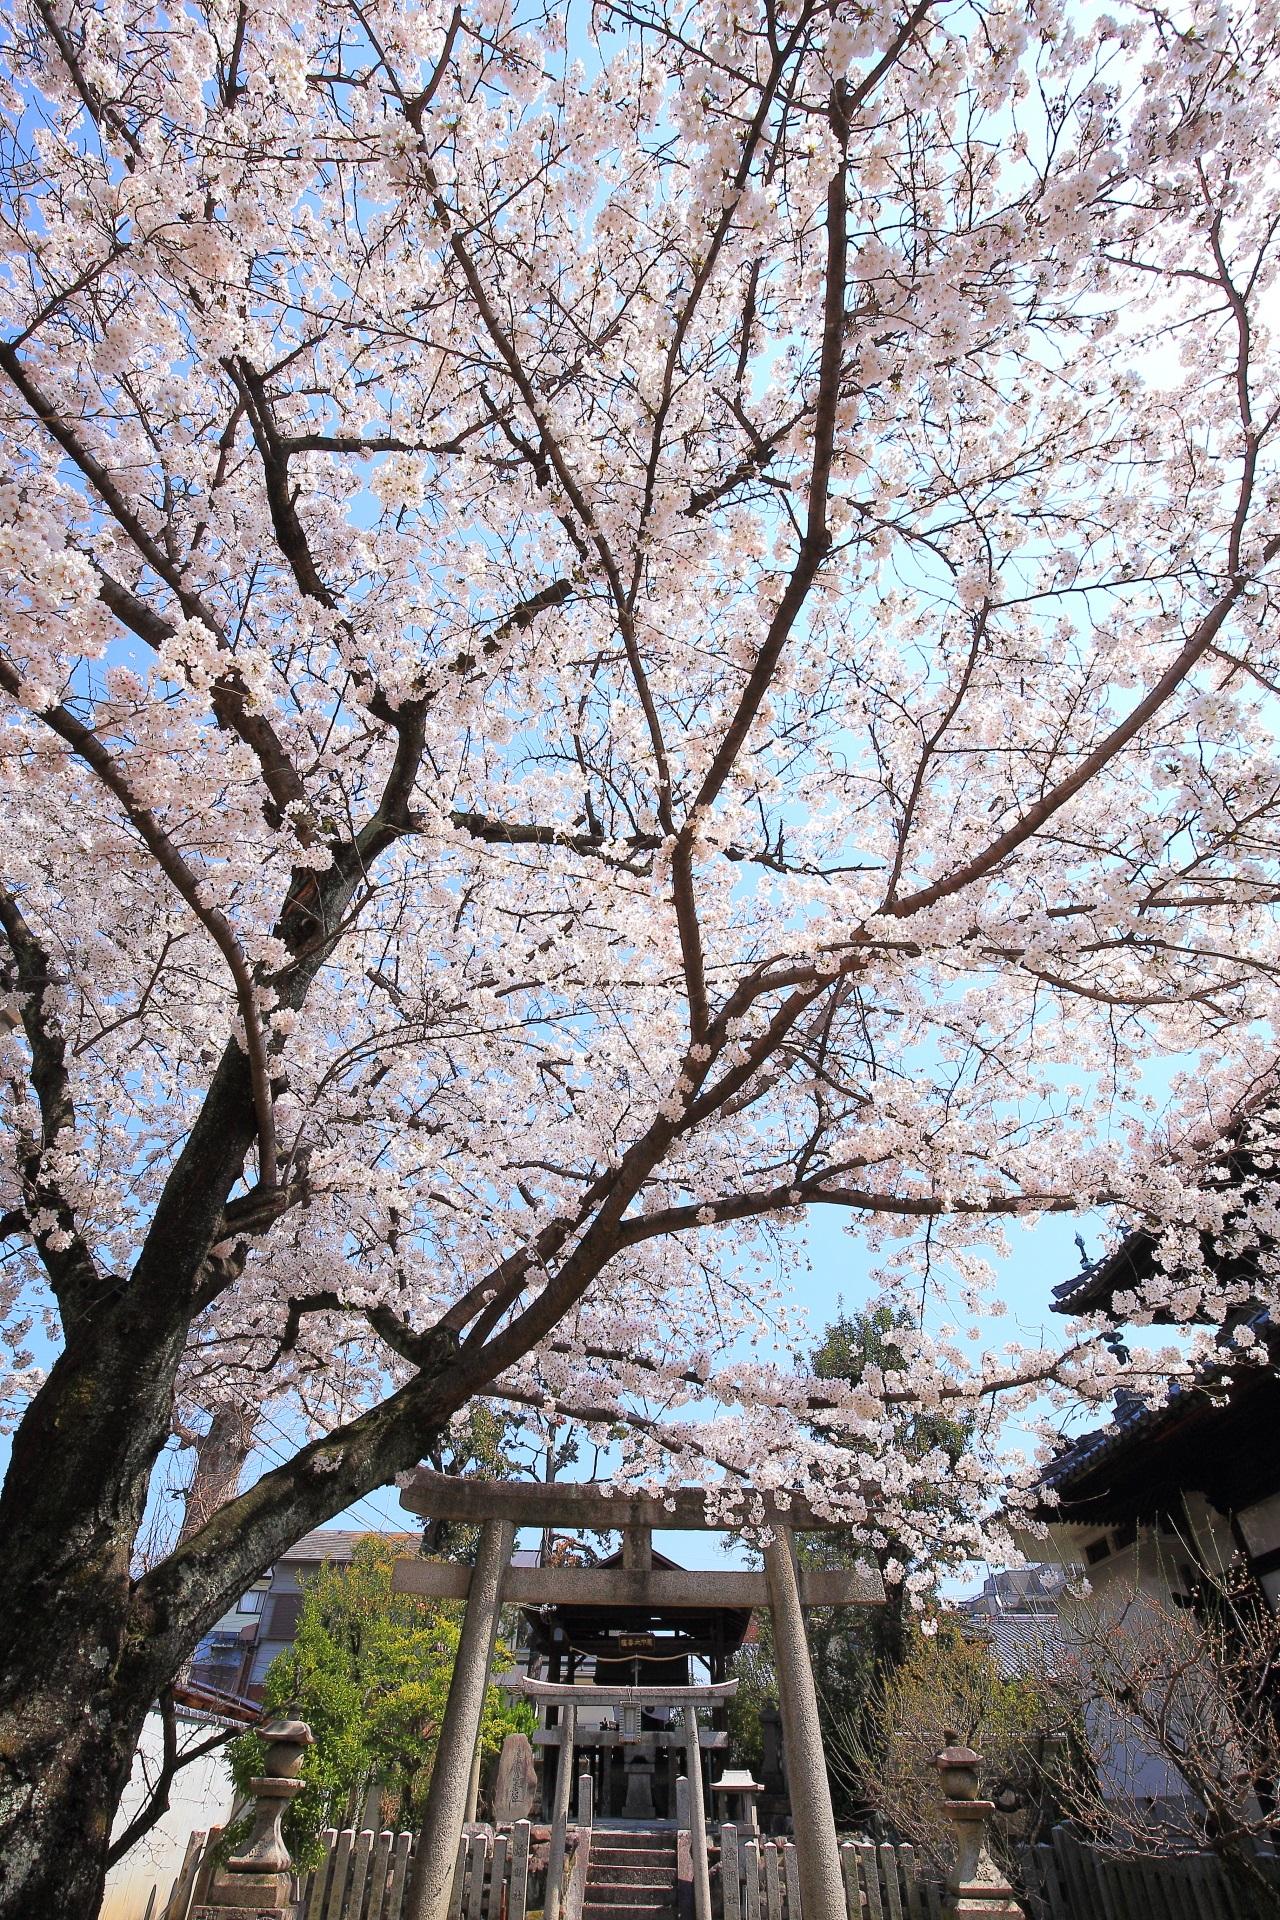 妙顕寺の空を覆う輝く桜